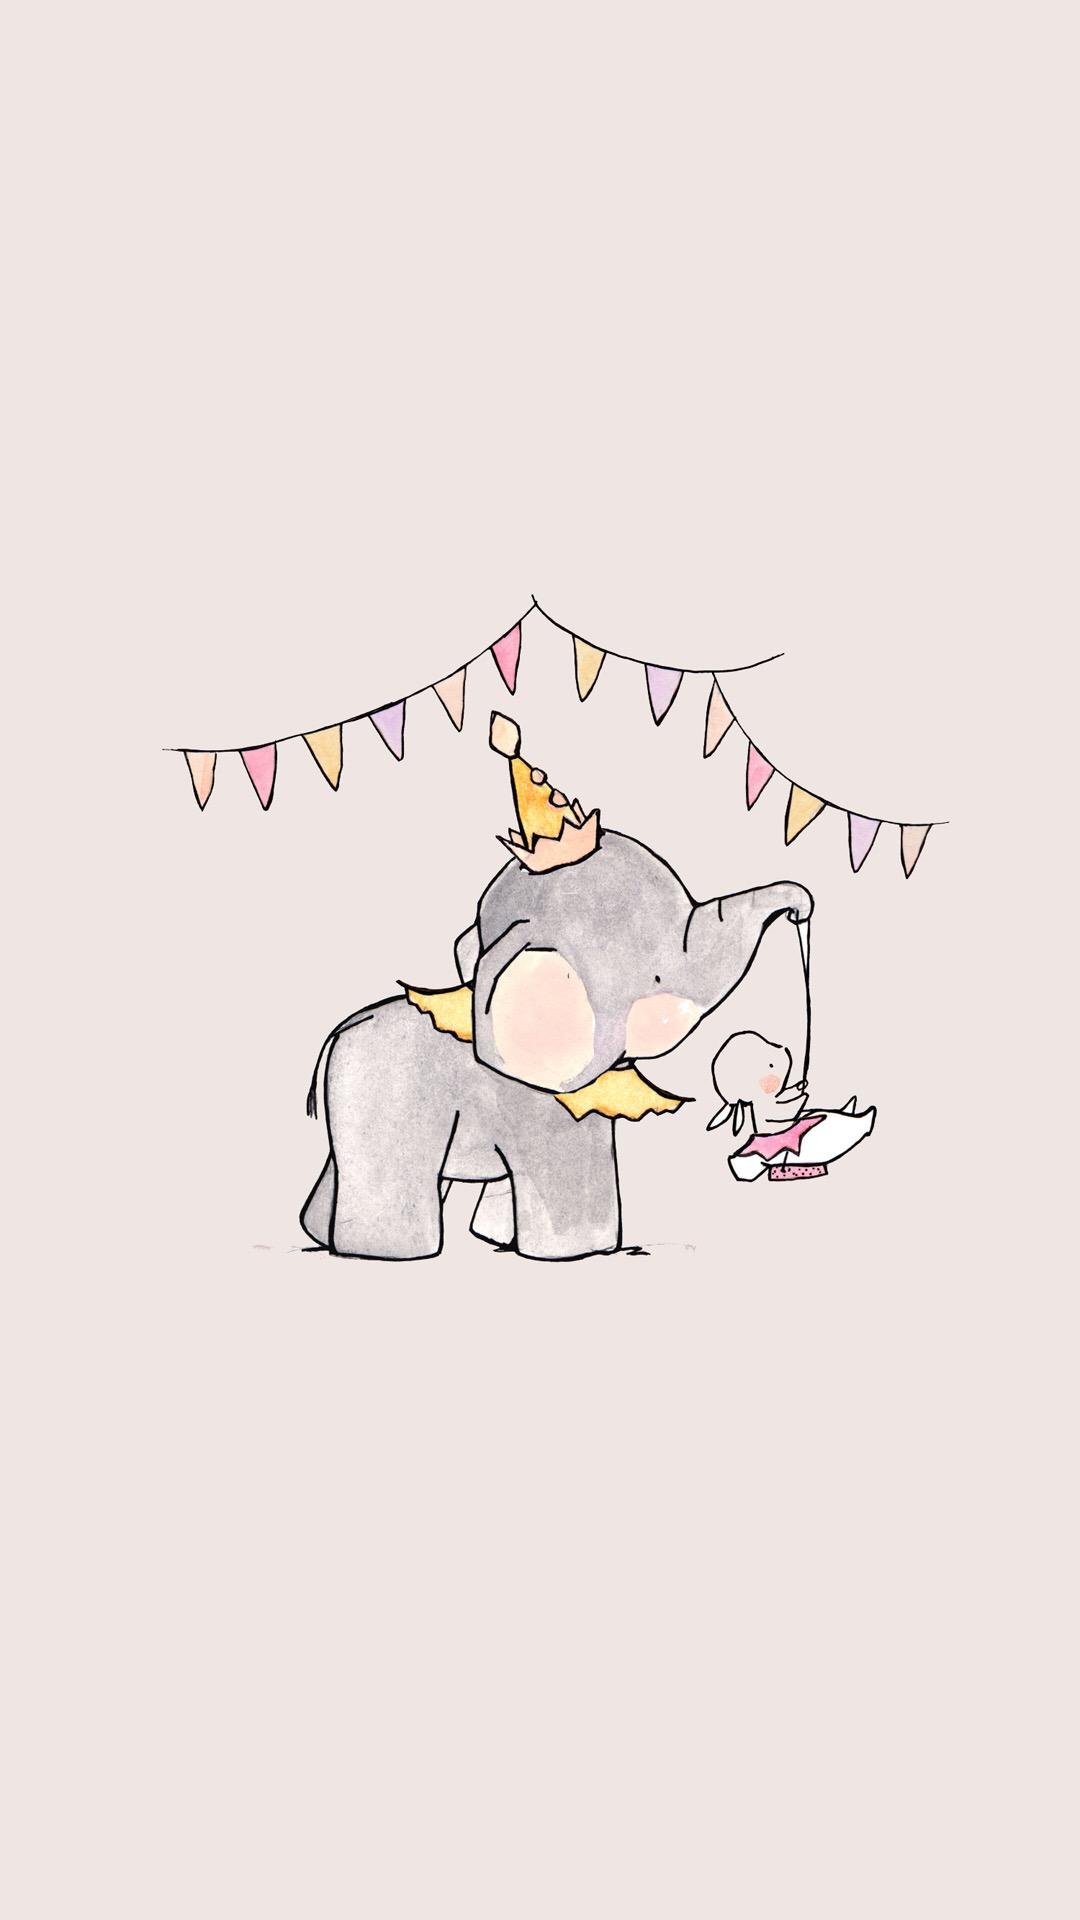 大象 苹果手机高清壁纸 1080x1920_爱思助手